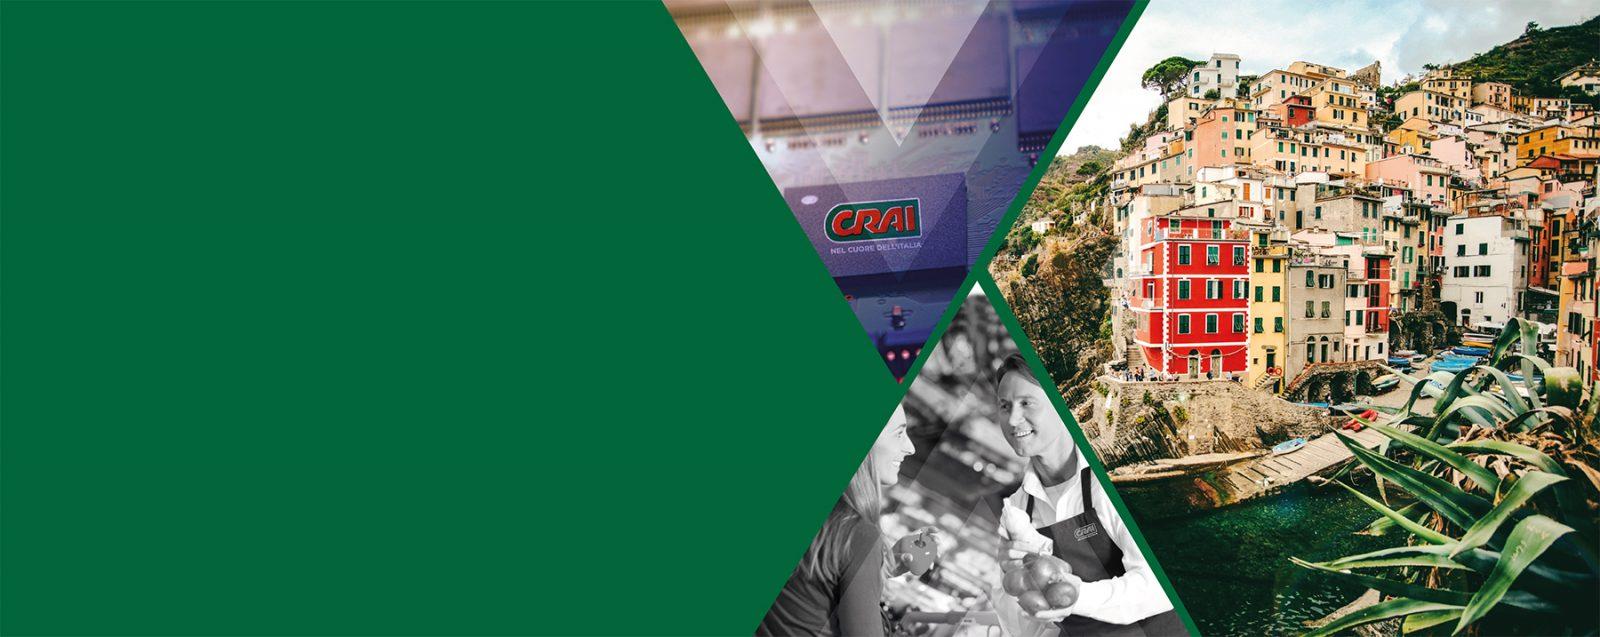 RITORNO AL FUTURO – MEETING CODE' CRAI